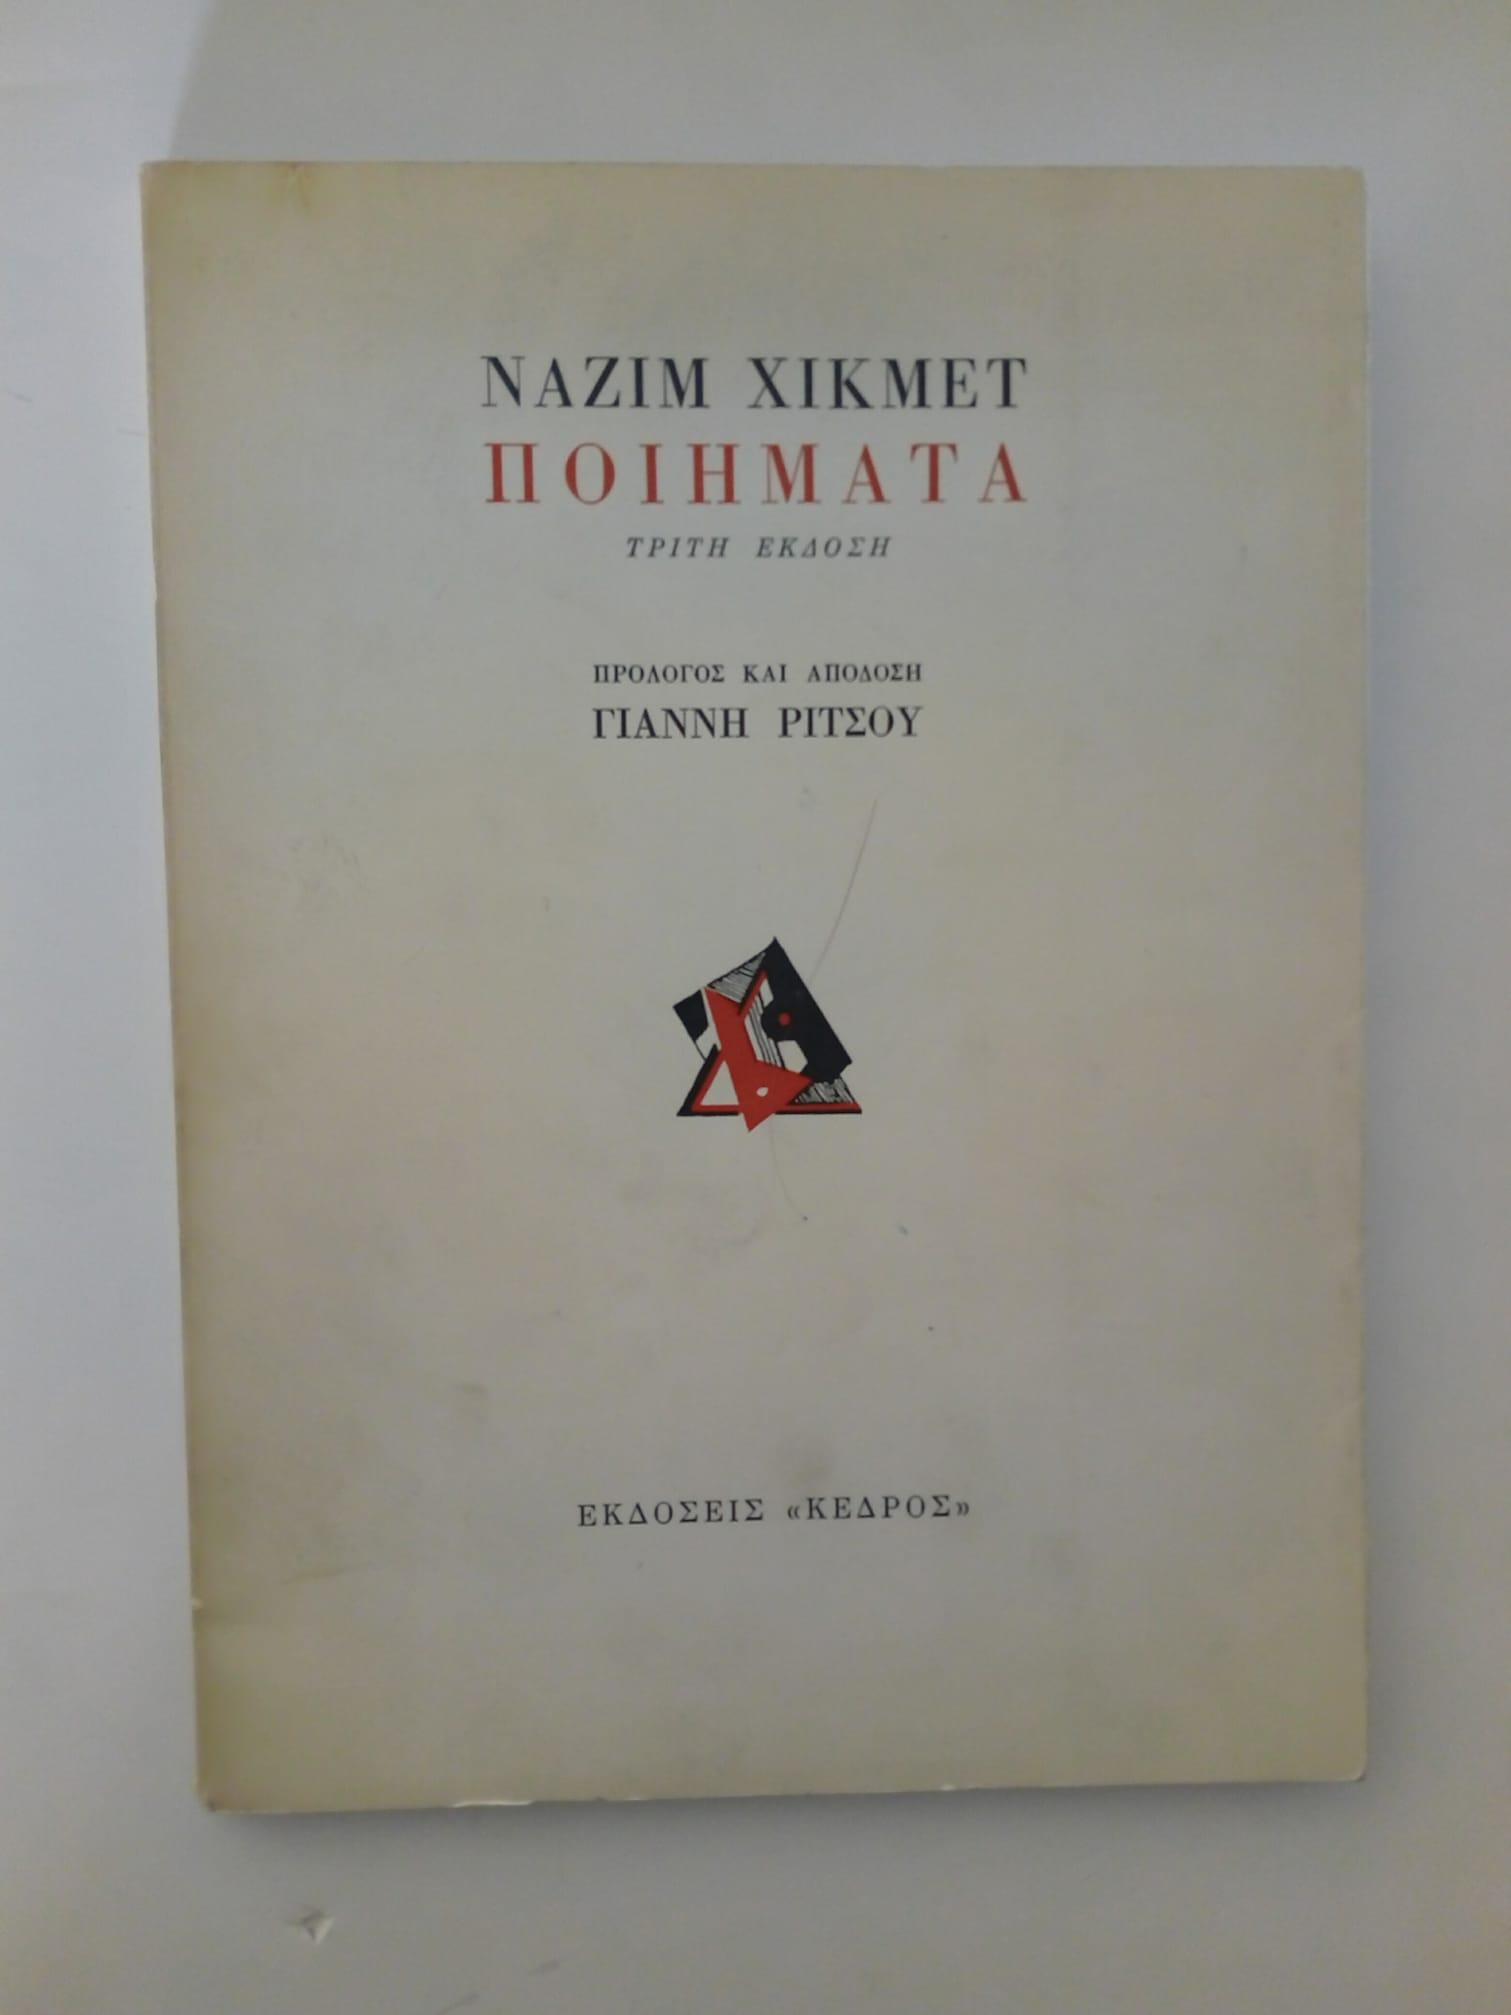 Ποιήματα Ναζίμ Χικμέτ Κέδρος 1973 τρίτη έκδοση